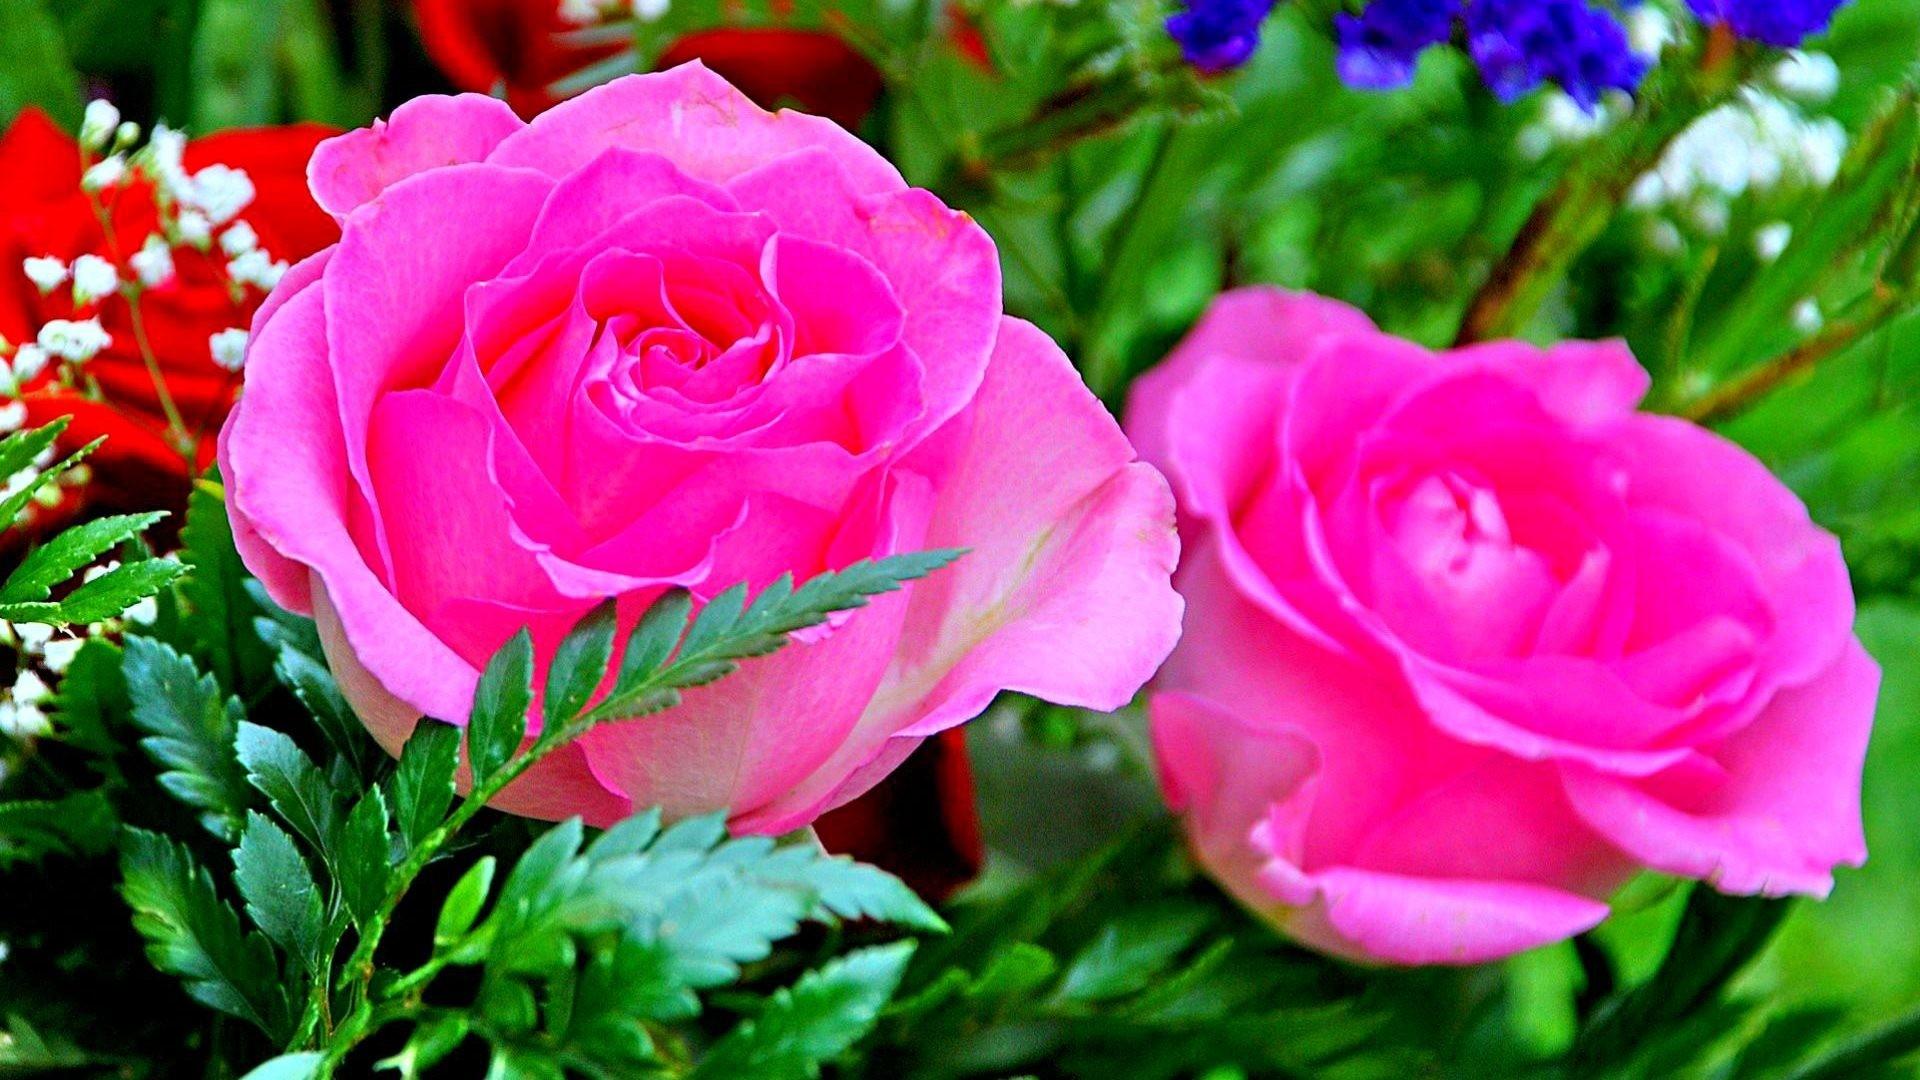 pink rose flower wallpaper (52+ images)